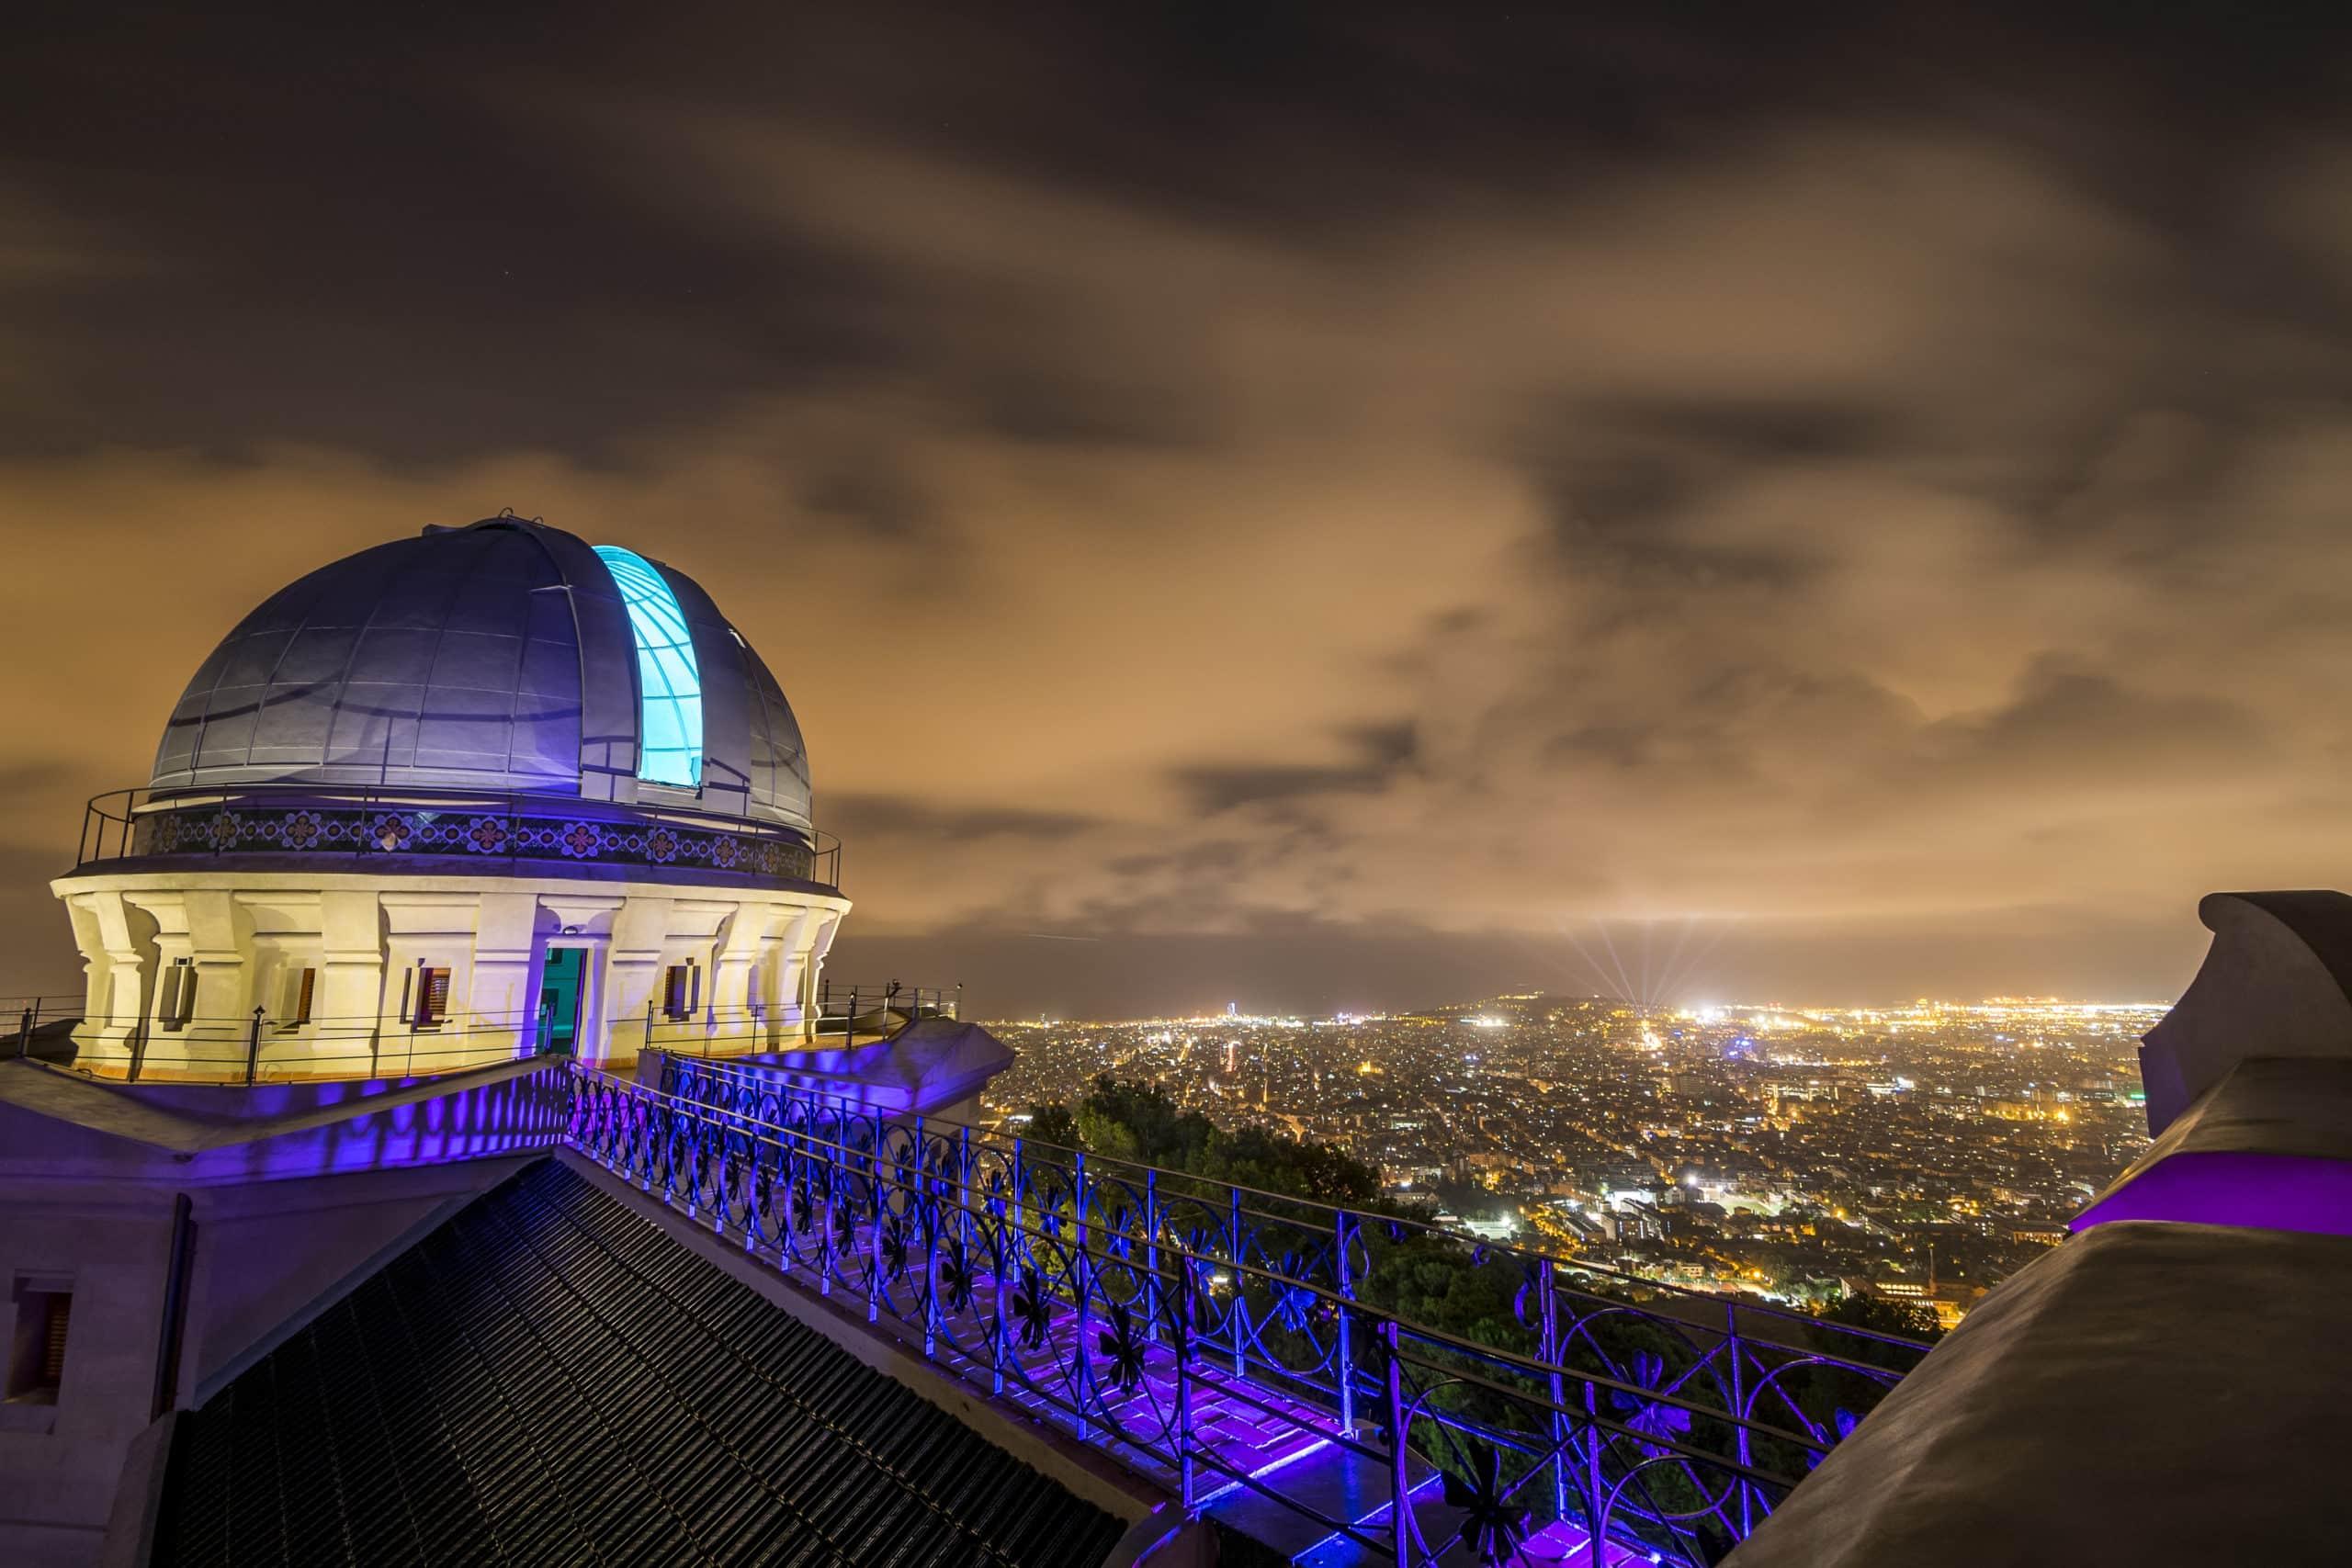 Visita de noche con los niños el Observatorio Fabra - novedades, lugares